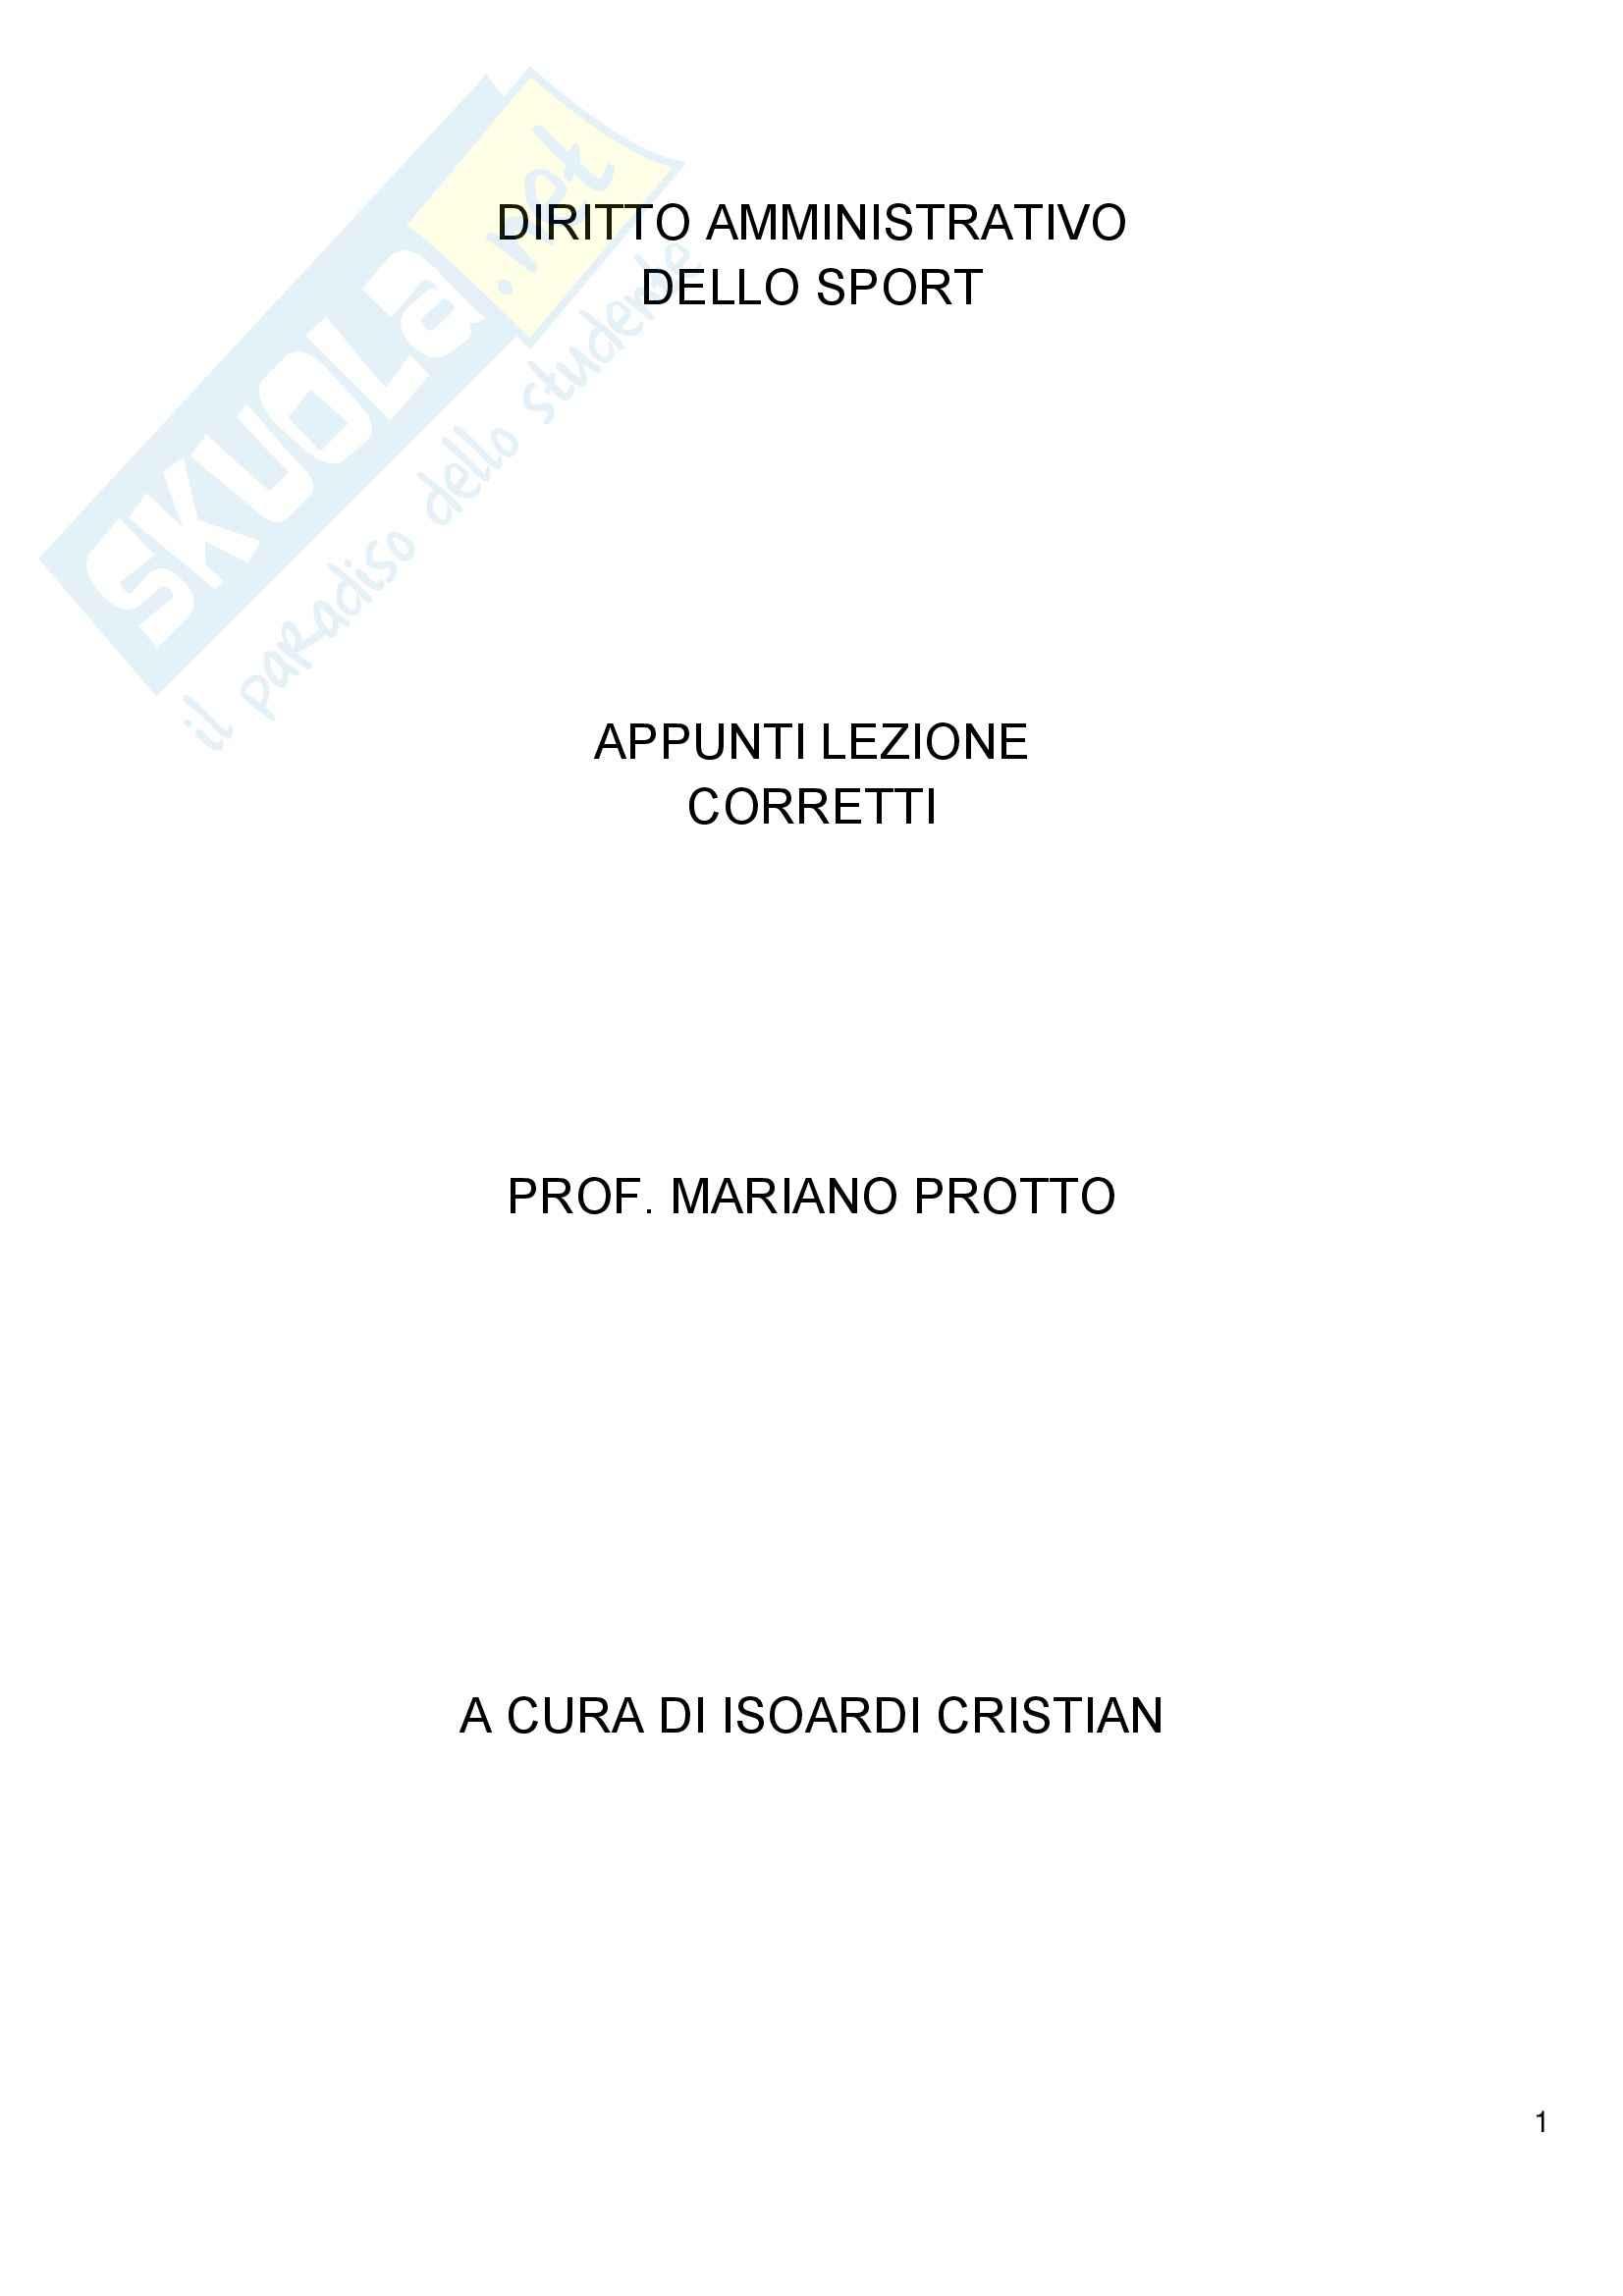 Diritto amministrativo dello sport - Appunti